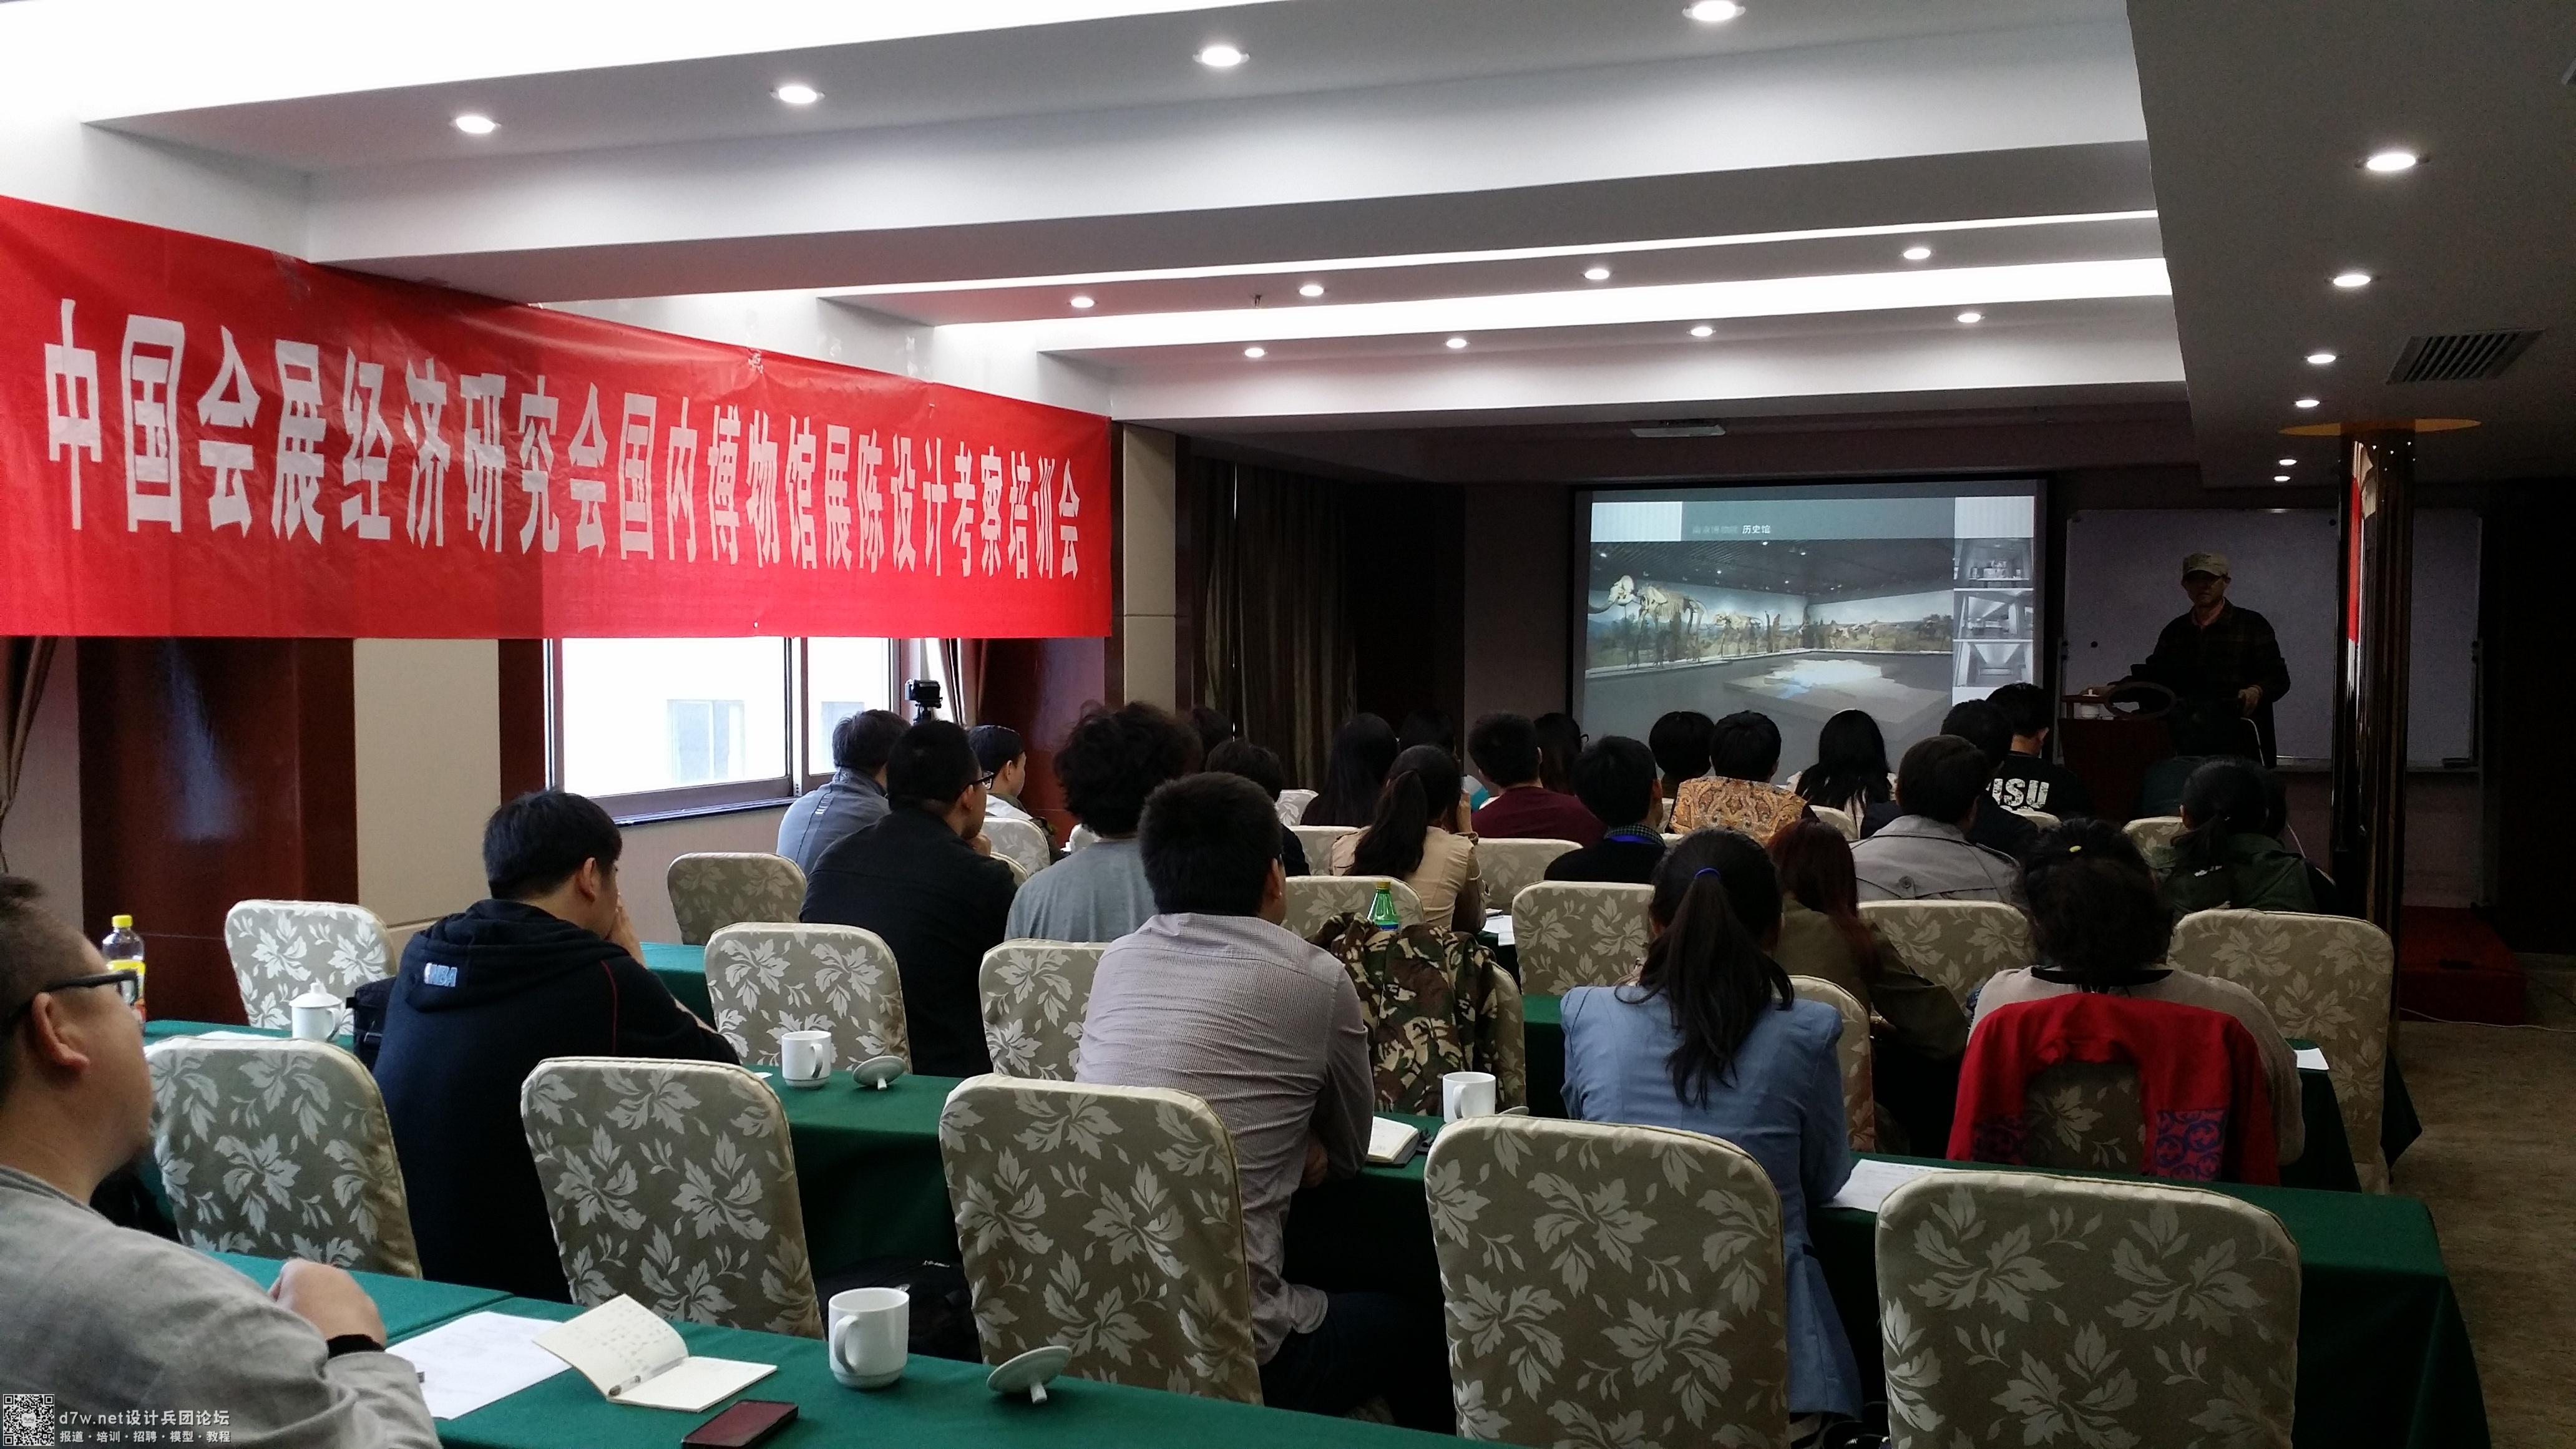 陈同乐老师针对南京博物院 的橱窗设计、施工材料等为培训团成员做现场讲解